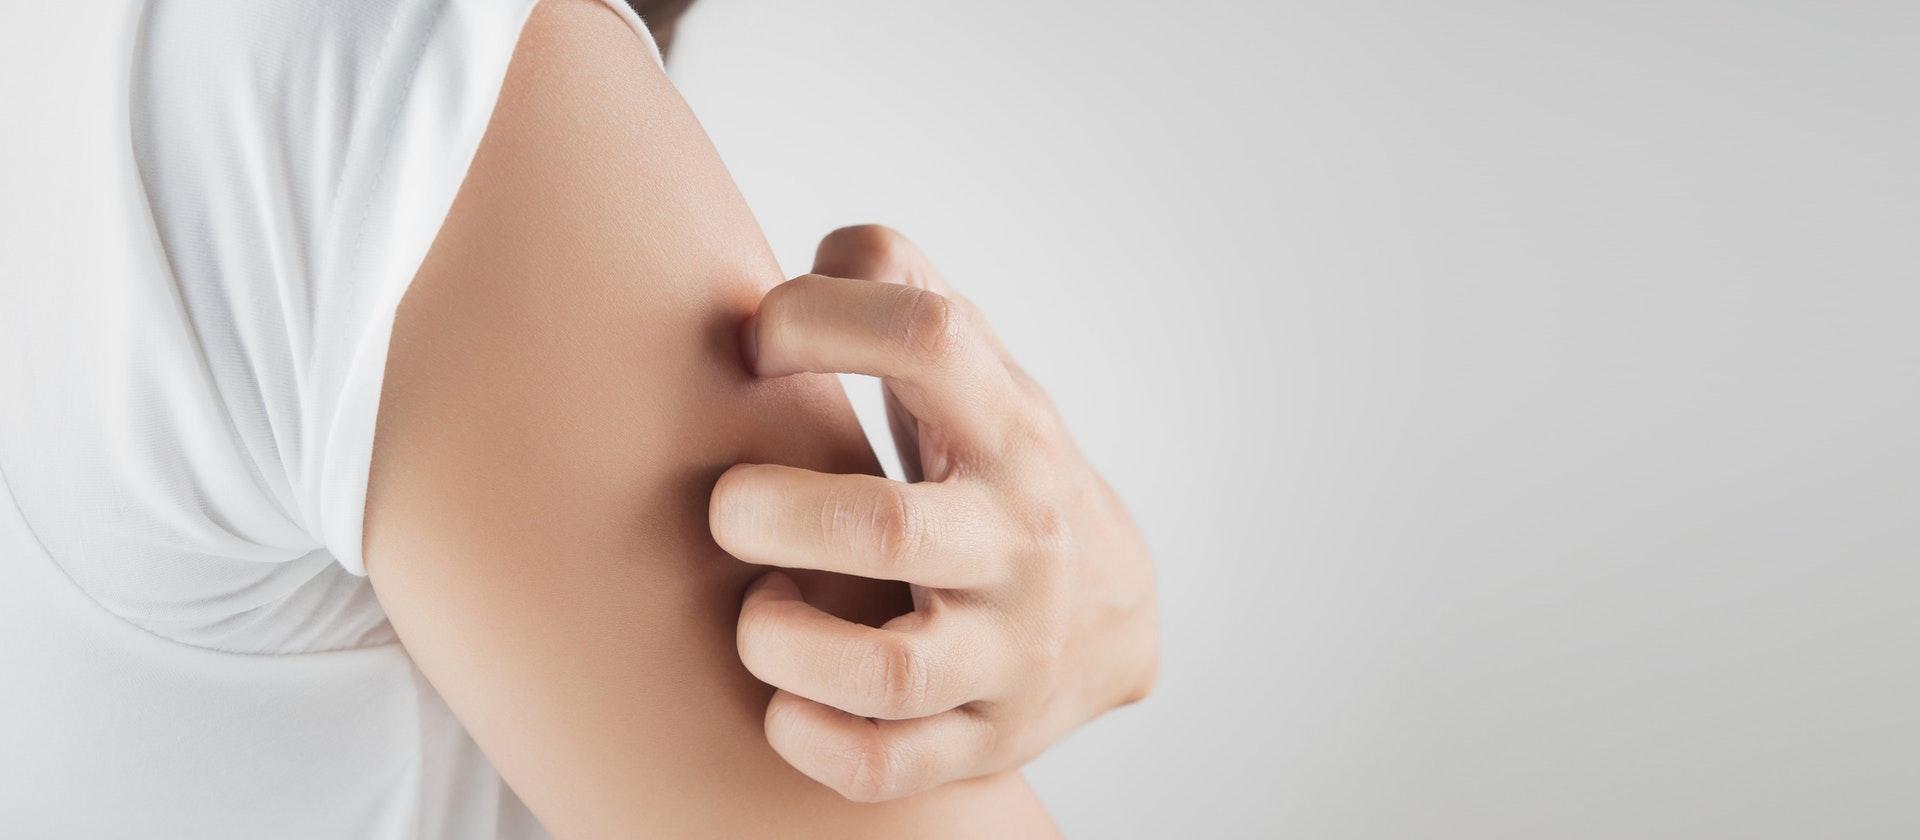 خارش و سوزش عضلات